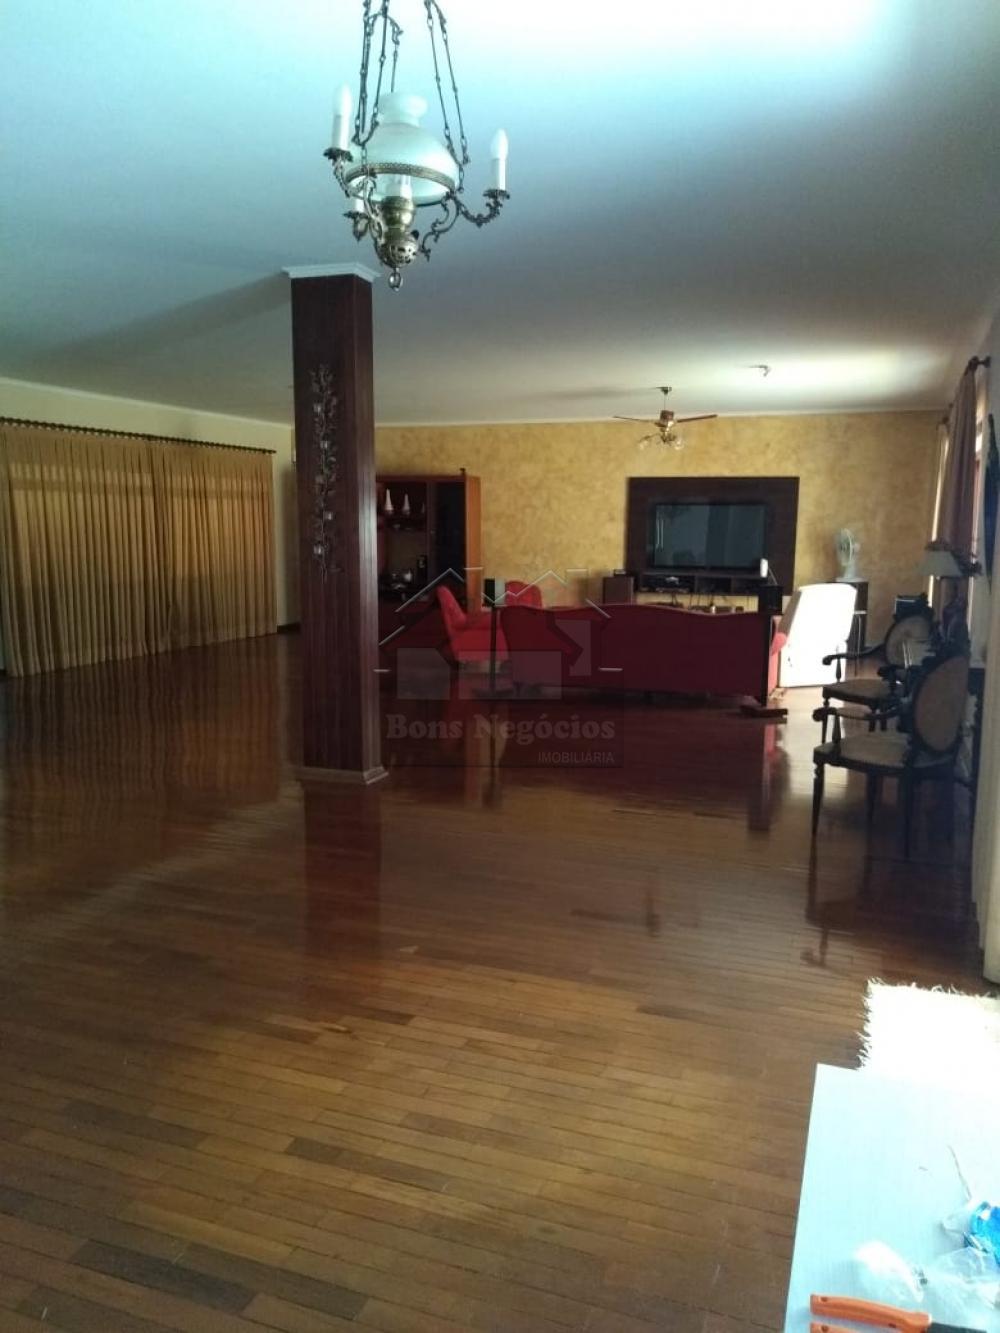 Comprar Casa / Residencial e Comercial em Ribeirão Preto apenas R$ 1.200.000,00 - Foto 7